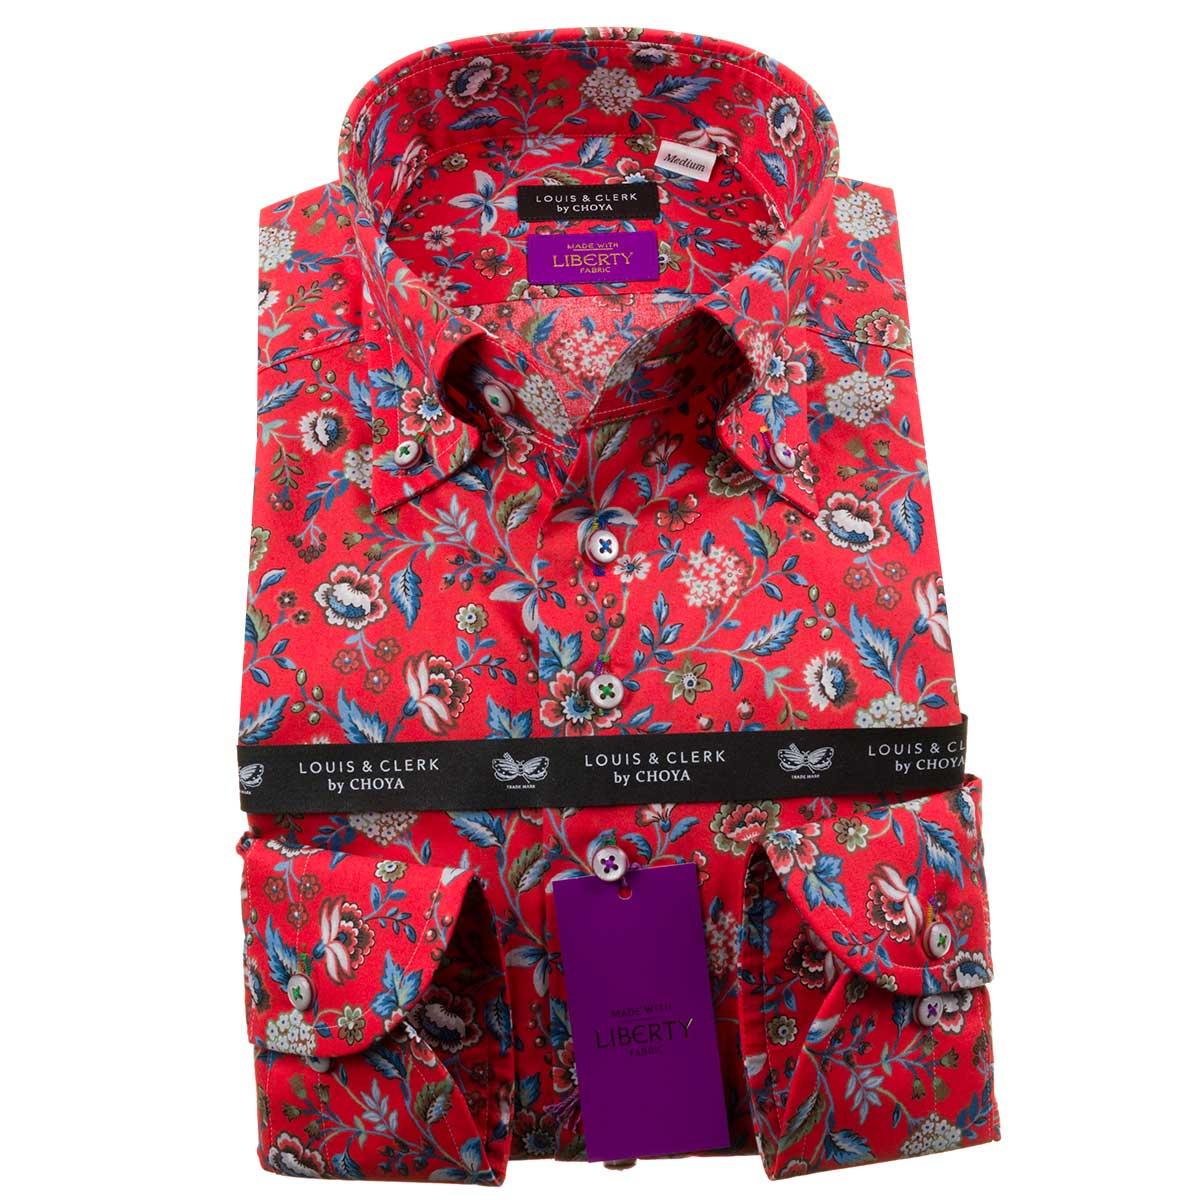 オリエンタルな雰囲気のフラワーデザイン リバティプリント ドレスシャツ ワイシャツ シャツ 年間定番 メンズ 国産 長袖 2109_rld OUTLETS コンフォート fs3gm ボタンダウン マッサード NEW ARRIVAL 綿100%